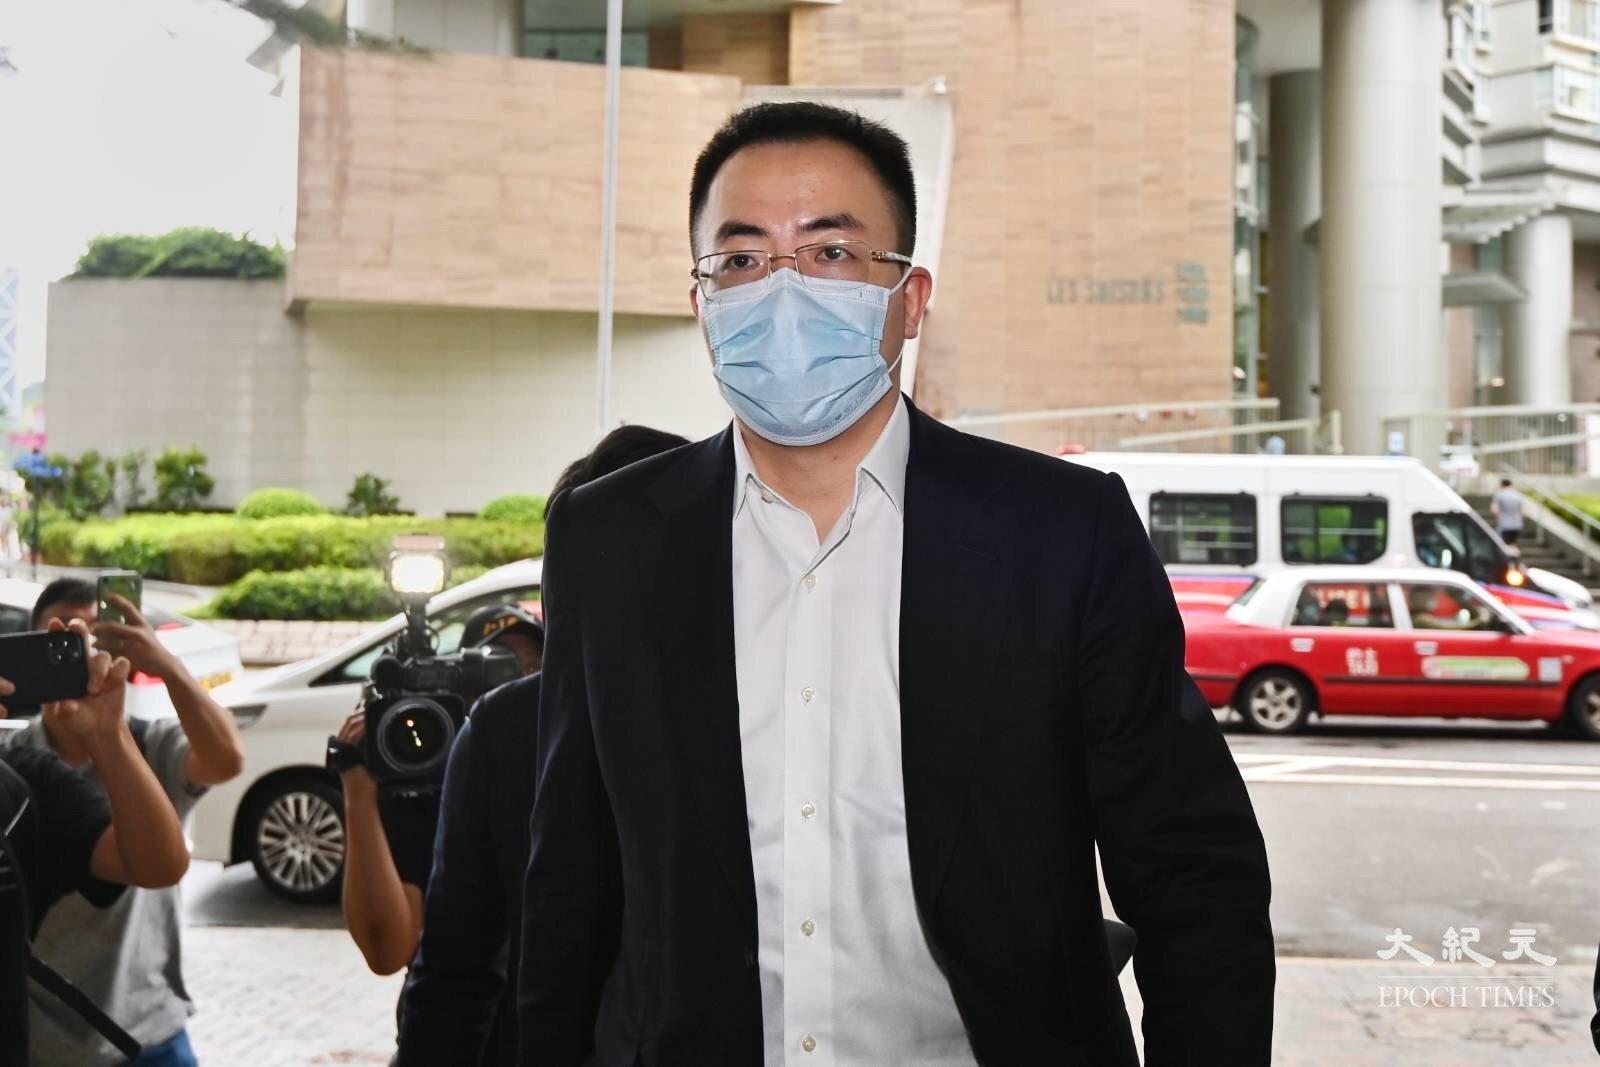 恒大高層陳奮涉嫌強姦,今日(19日)到東區裁判法院聆訊。(宋碧龍 / 大紀元)